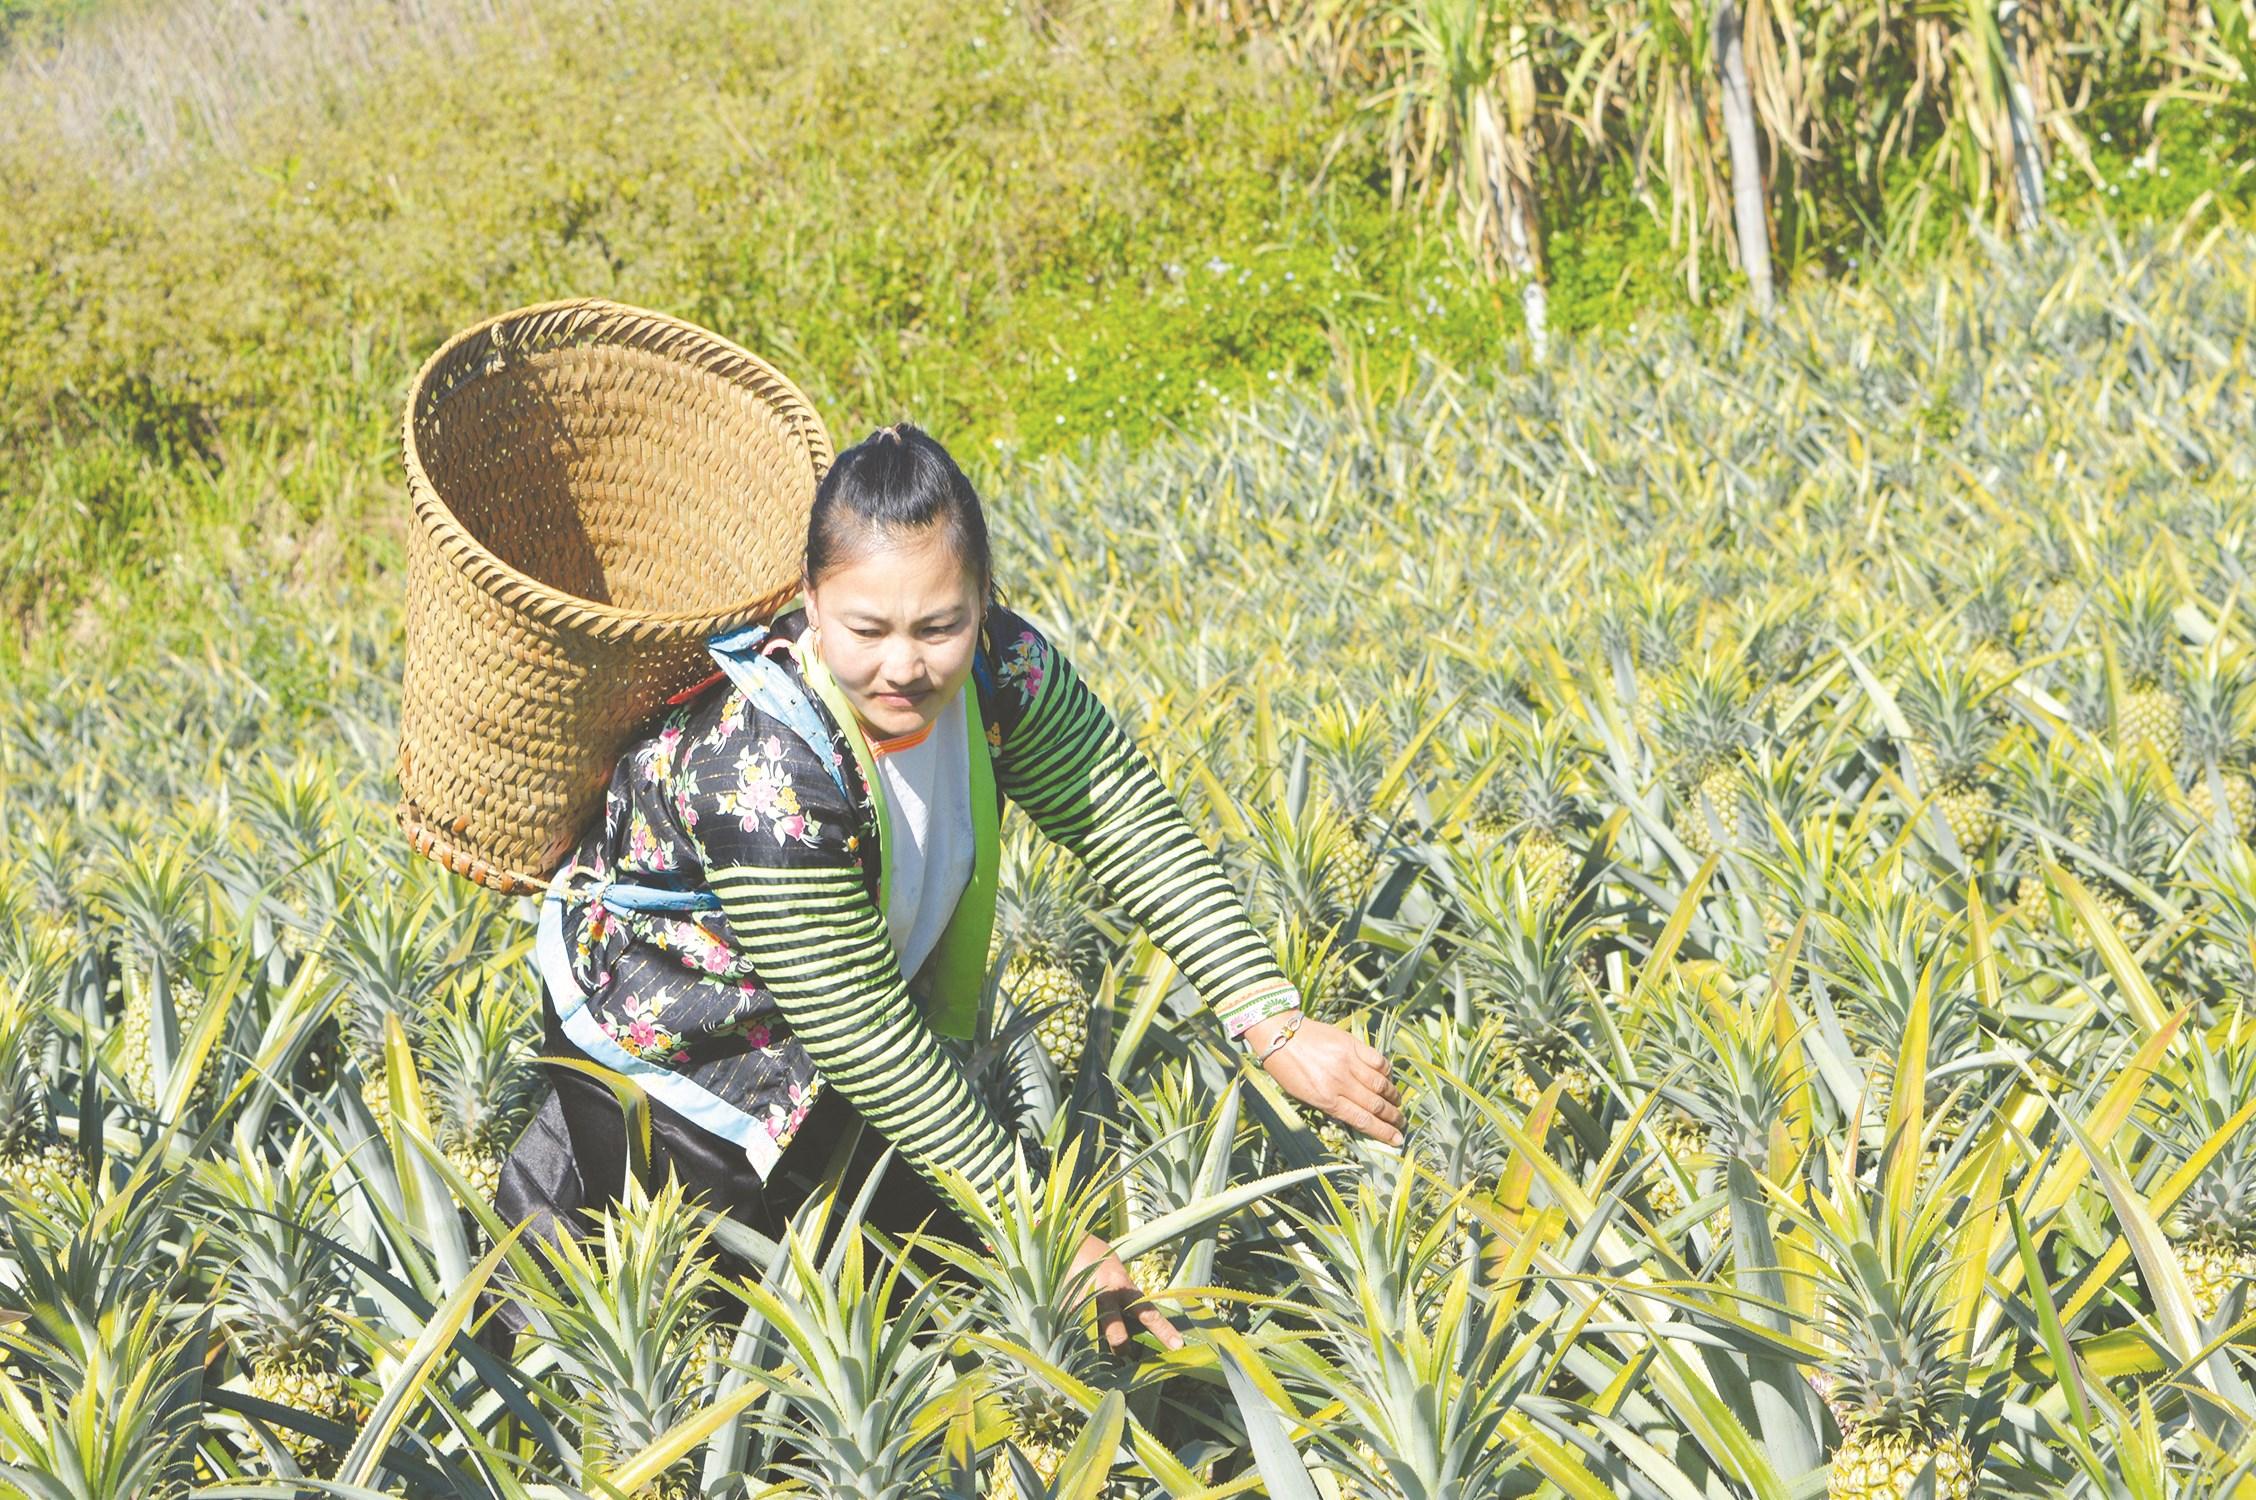 Từ Chương trình 135 của Chính phủ đã góp phần hỗ trợ sản xuất, tạo sinh kế cho người dân Pú Nhung xóa đói giảm nghèo hiệu quả. (Trong ảnh: Người dân Pú Nhung thu hoạch dứa)